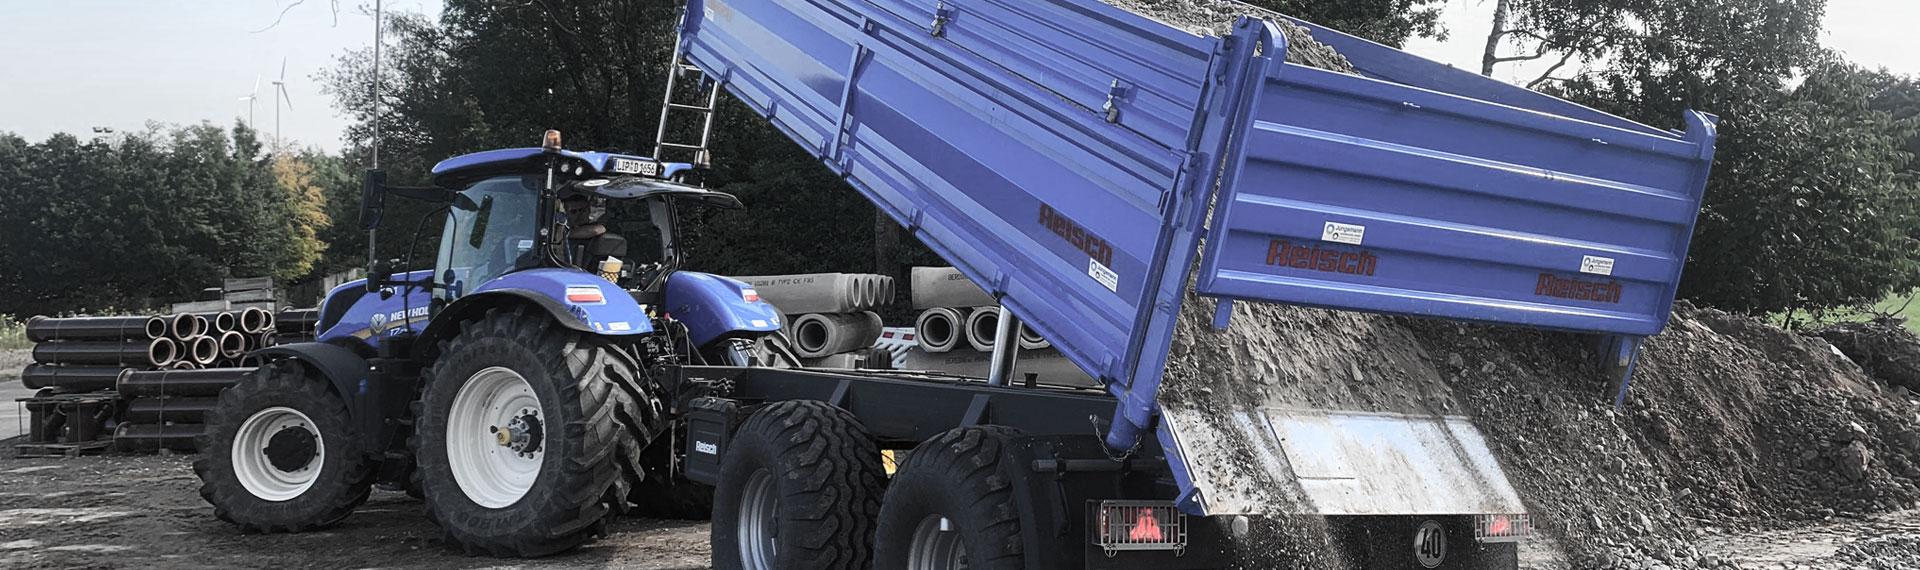 Modrý sklápěč s korbou vyrobenou z ocelového plechu Hardox® vysypává náklad kamení.